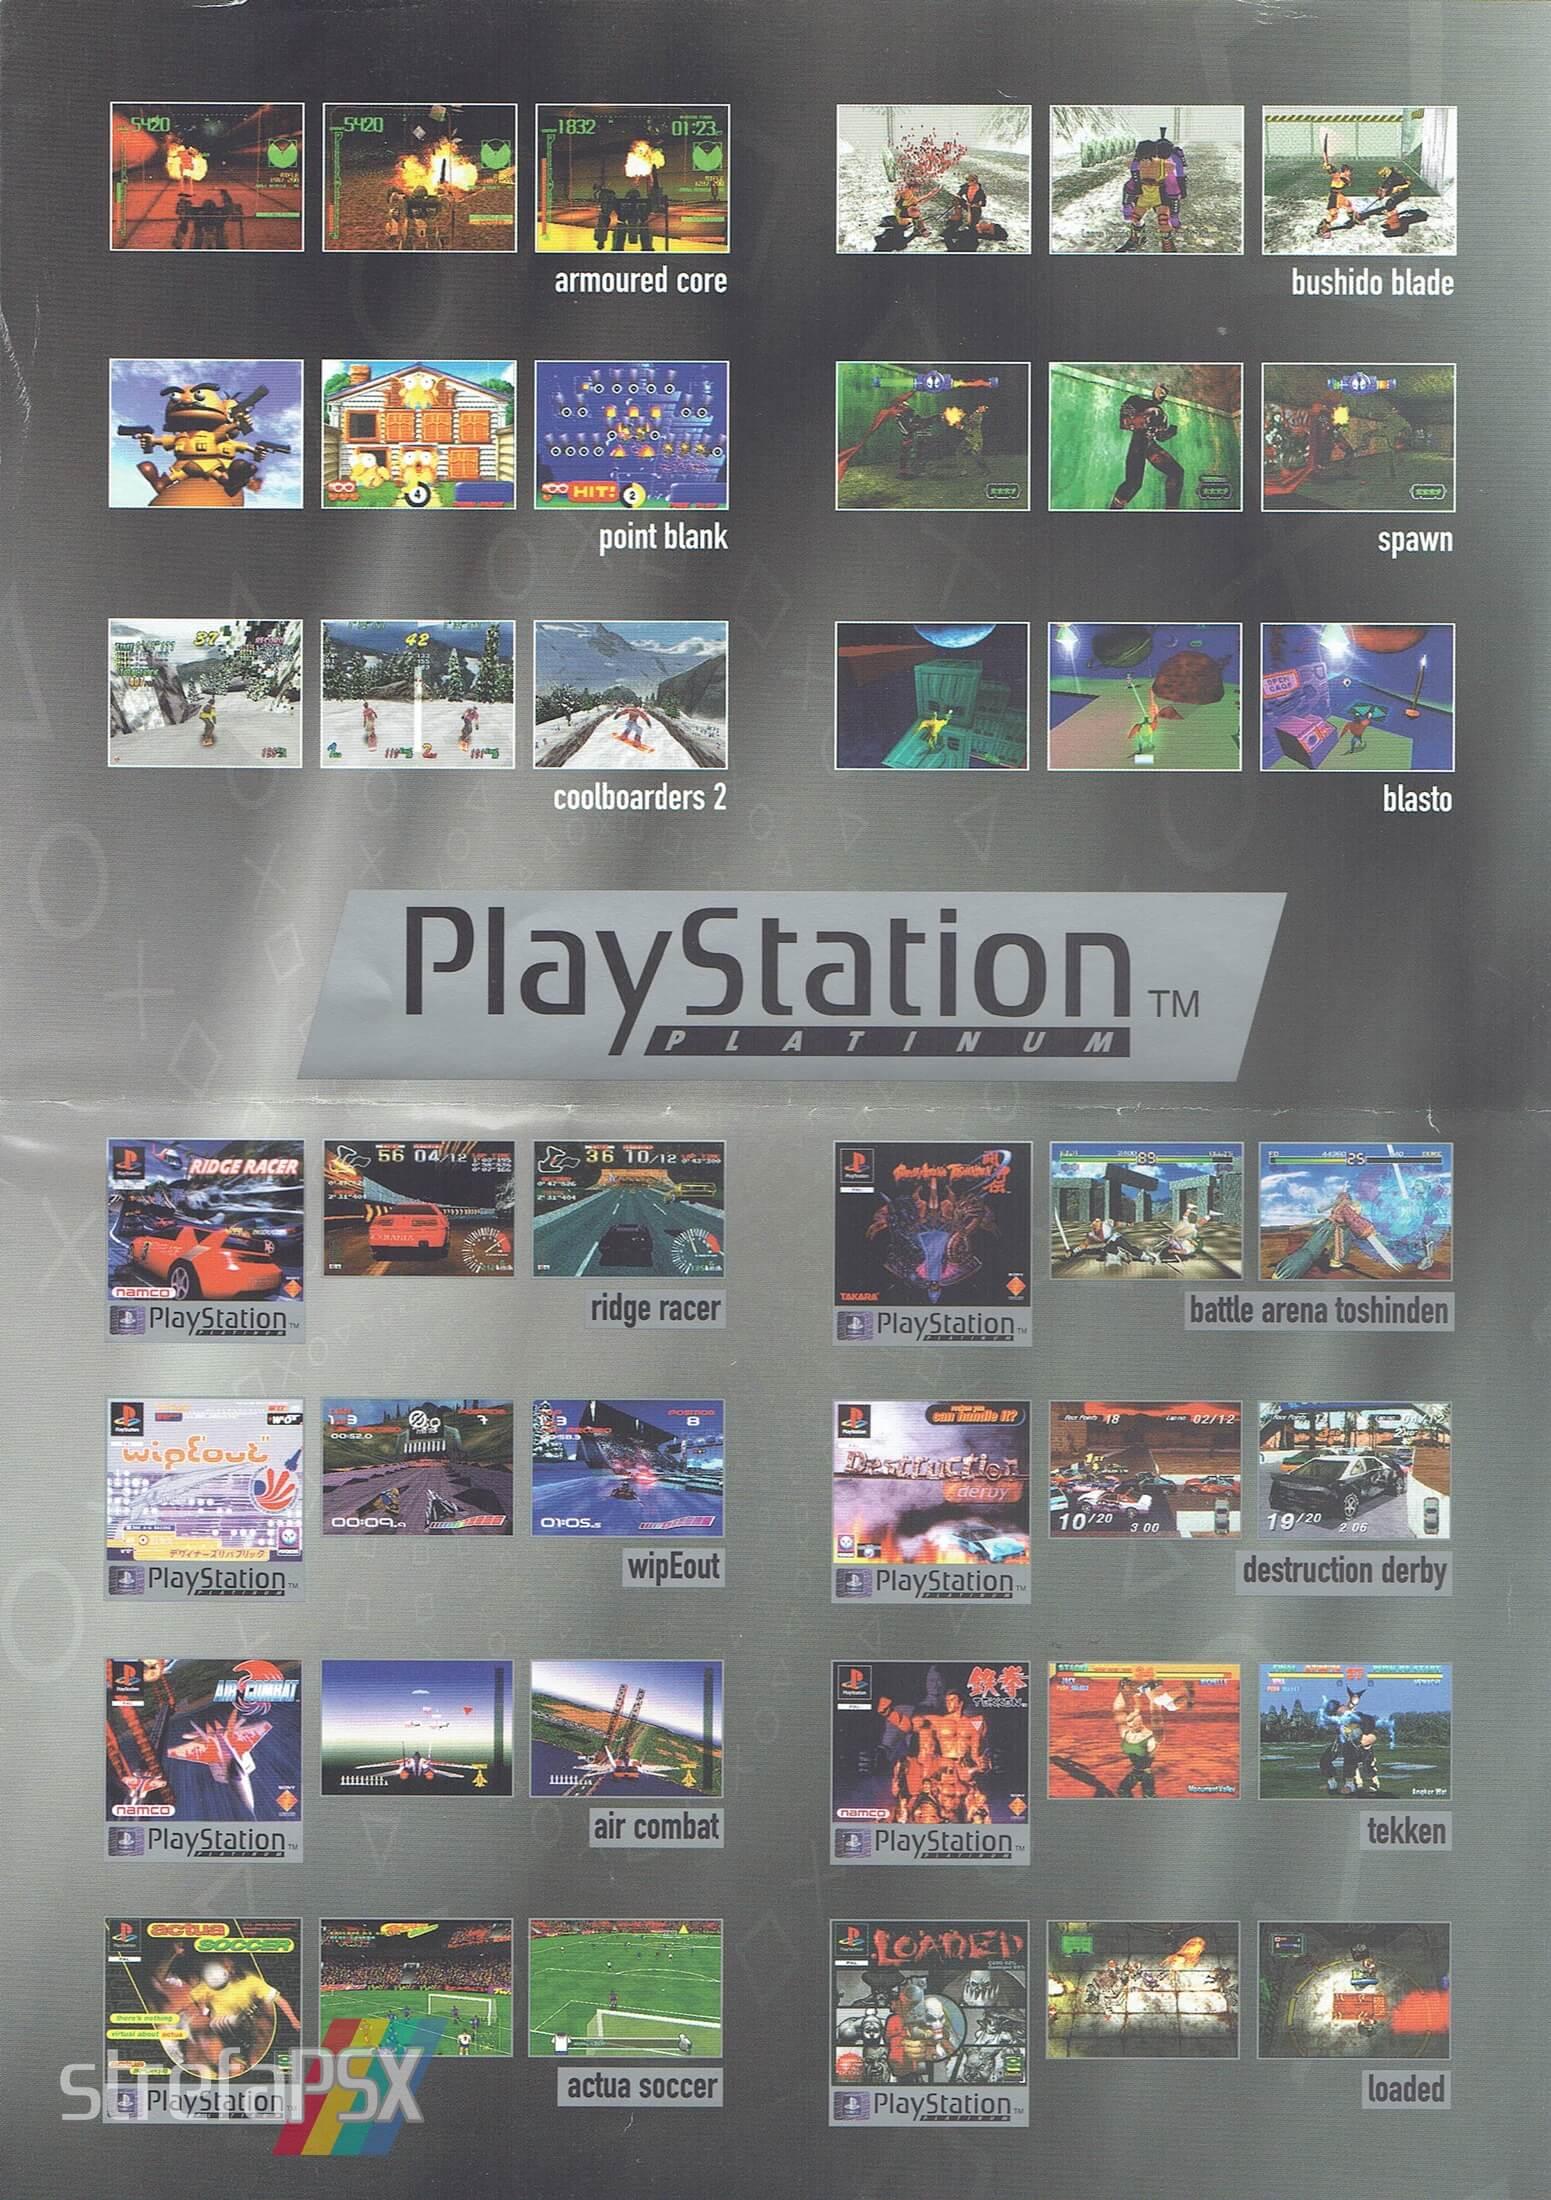 broszura reklamowa psx 20 - Broszury reklamowe PlayStation z dawnych lat